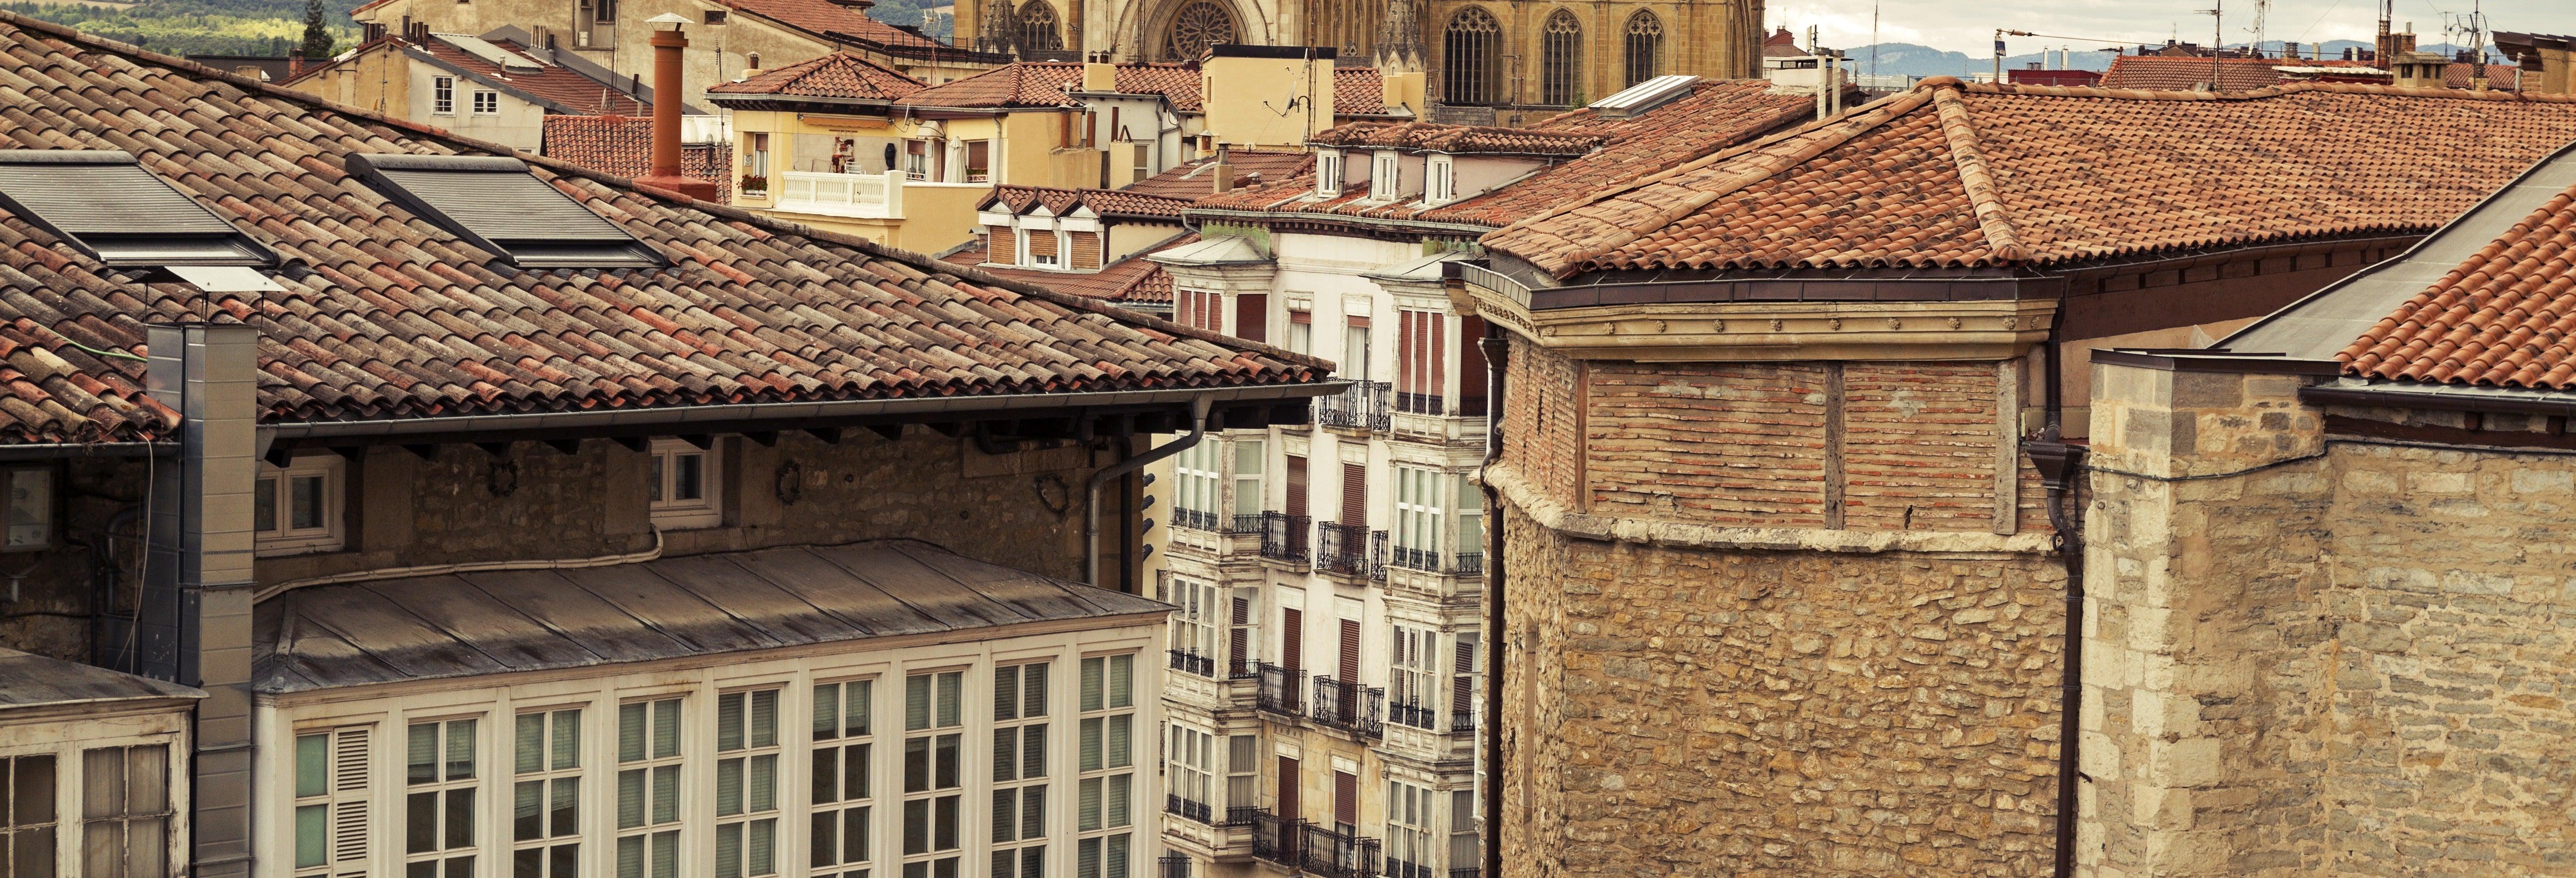 Excursão a Vitoria e à Rioja Alavesa